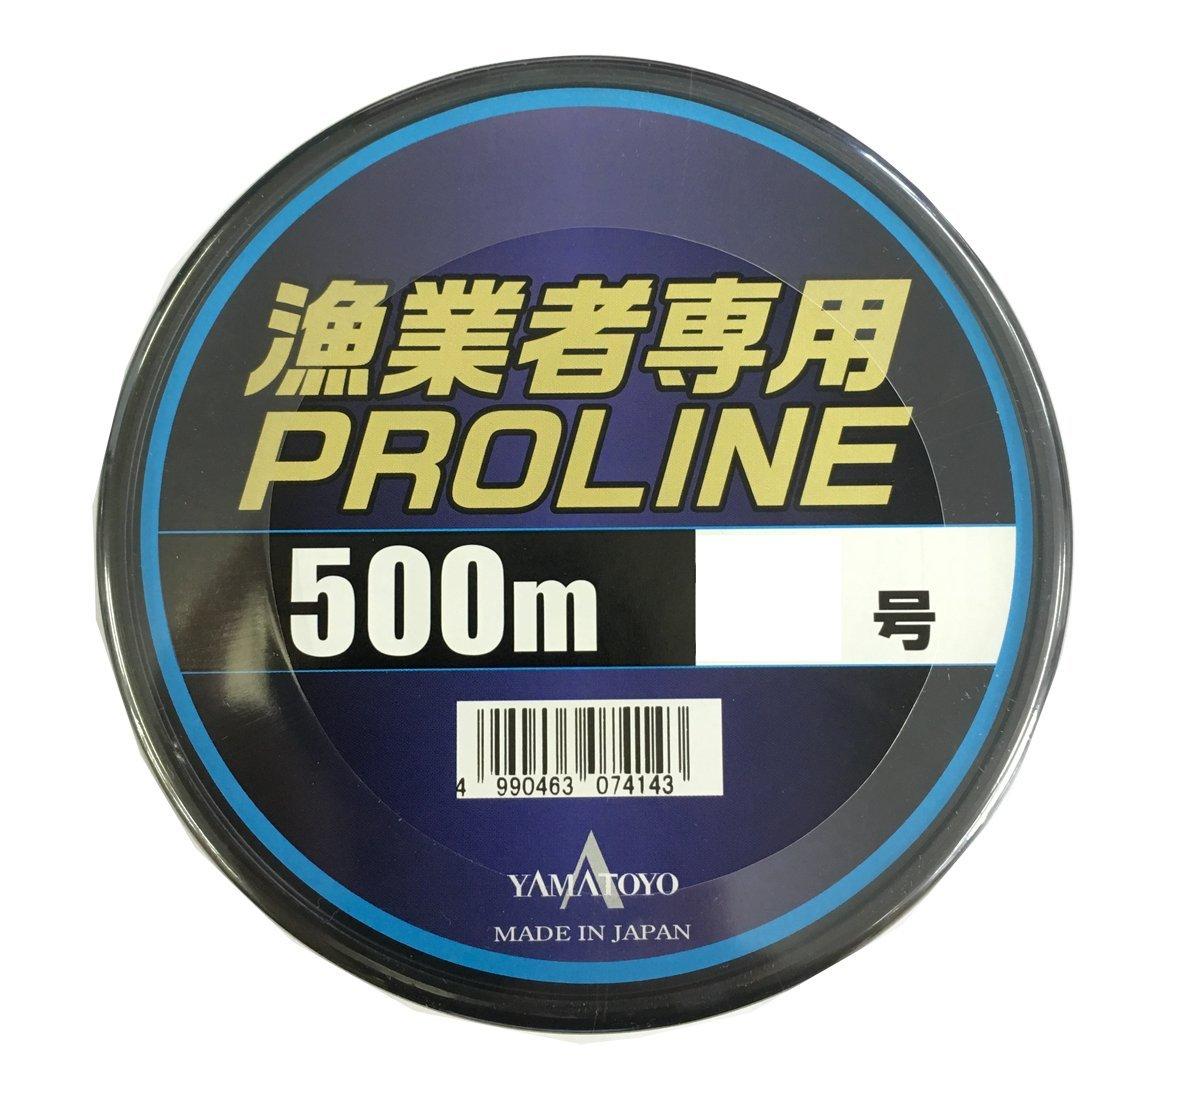 ヤマトヨテグス(YAMATOYO) ナイロンライン 漁業者専用 プロライン 500m グレー